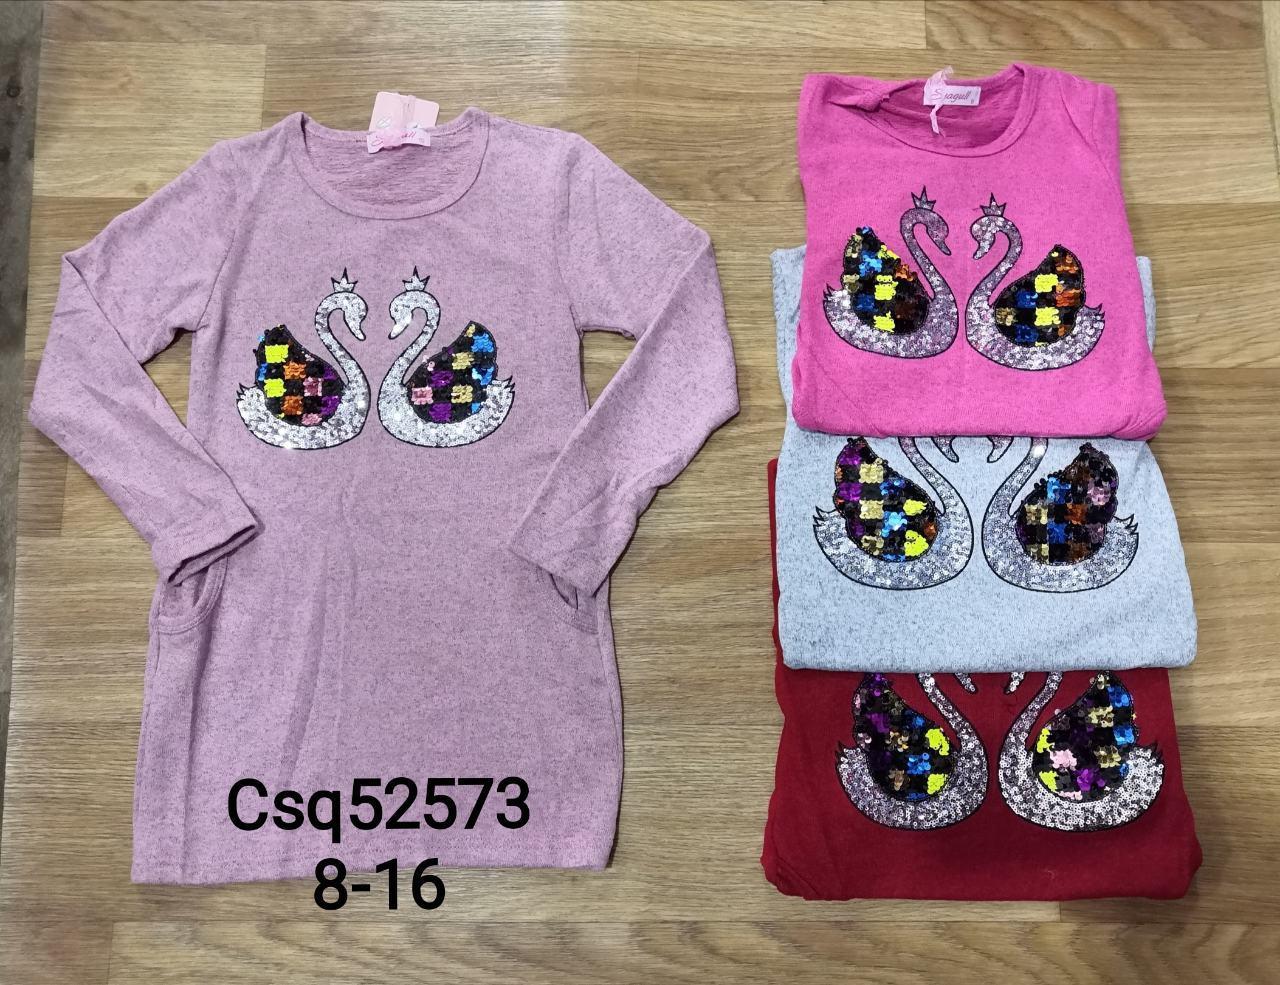 Туники для девочек оптом, Seagull, размеры 8-16 лет, арт. CSQ-52573